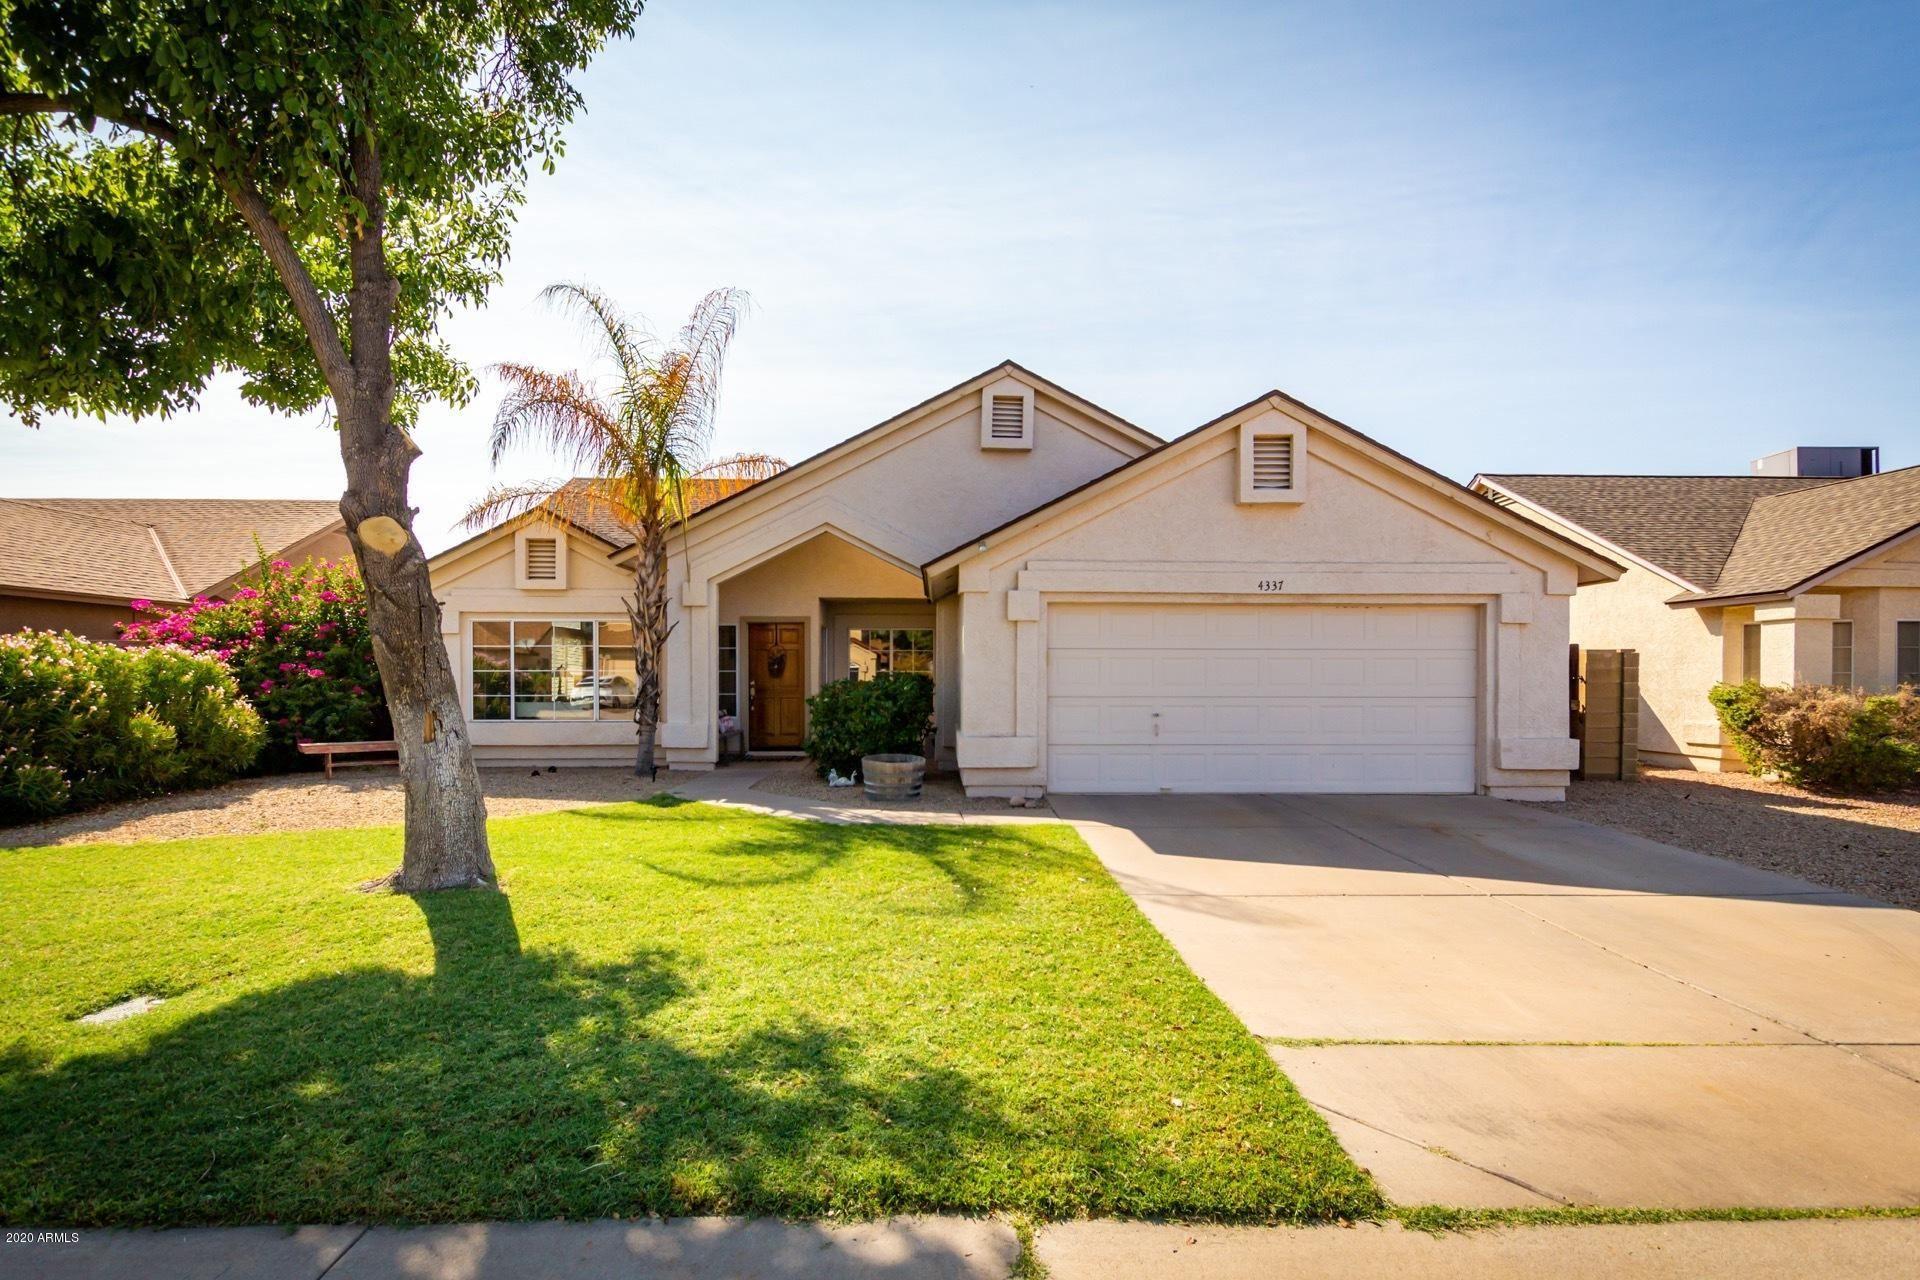 4337 E TOWNE Lane, Gilbert, AZ 85234 - MLS#: 6129443